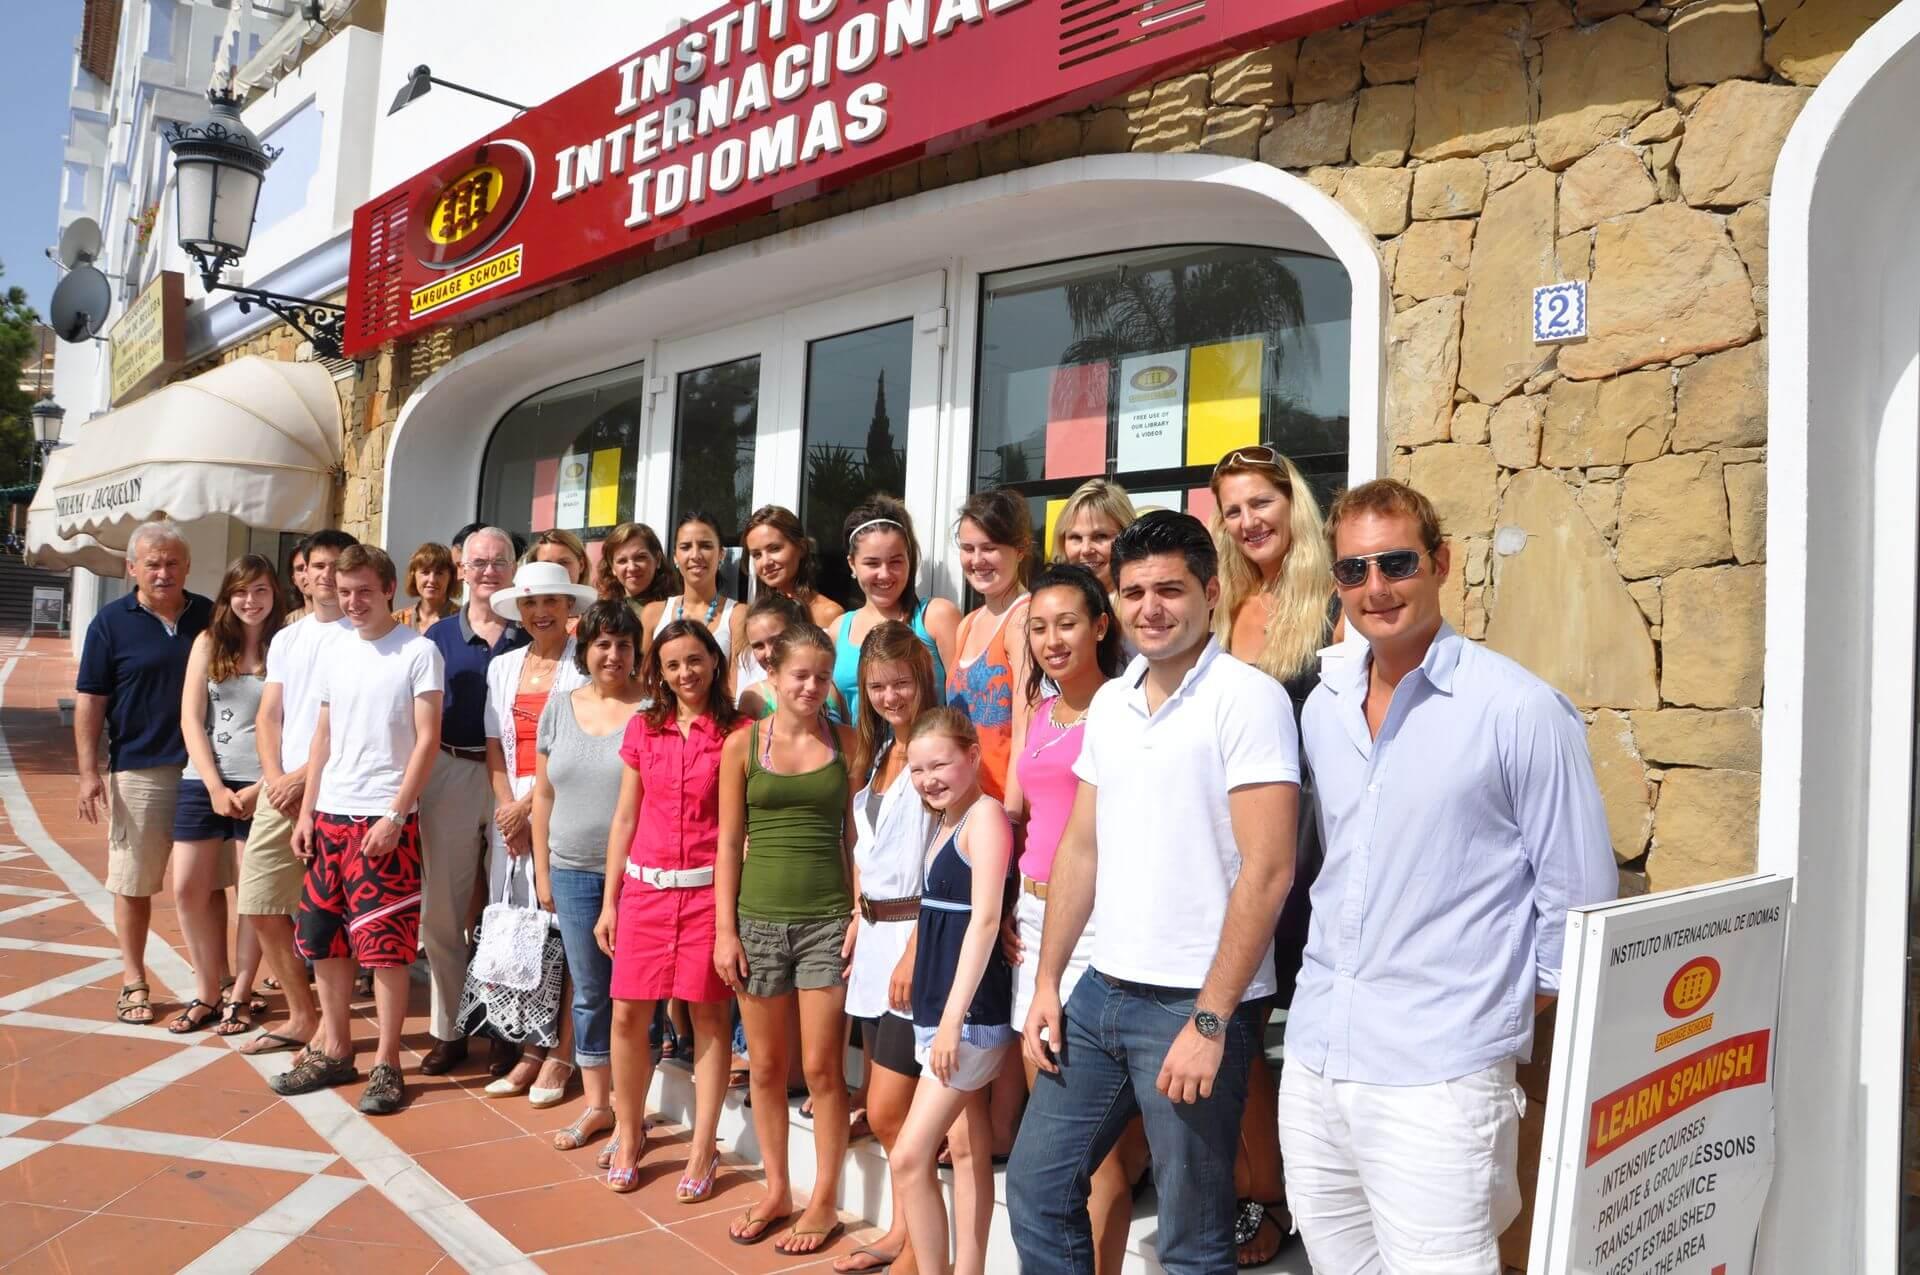 iiischools nueva andalucia alumnos